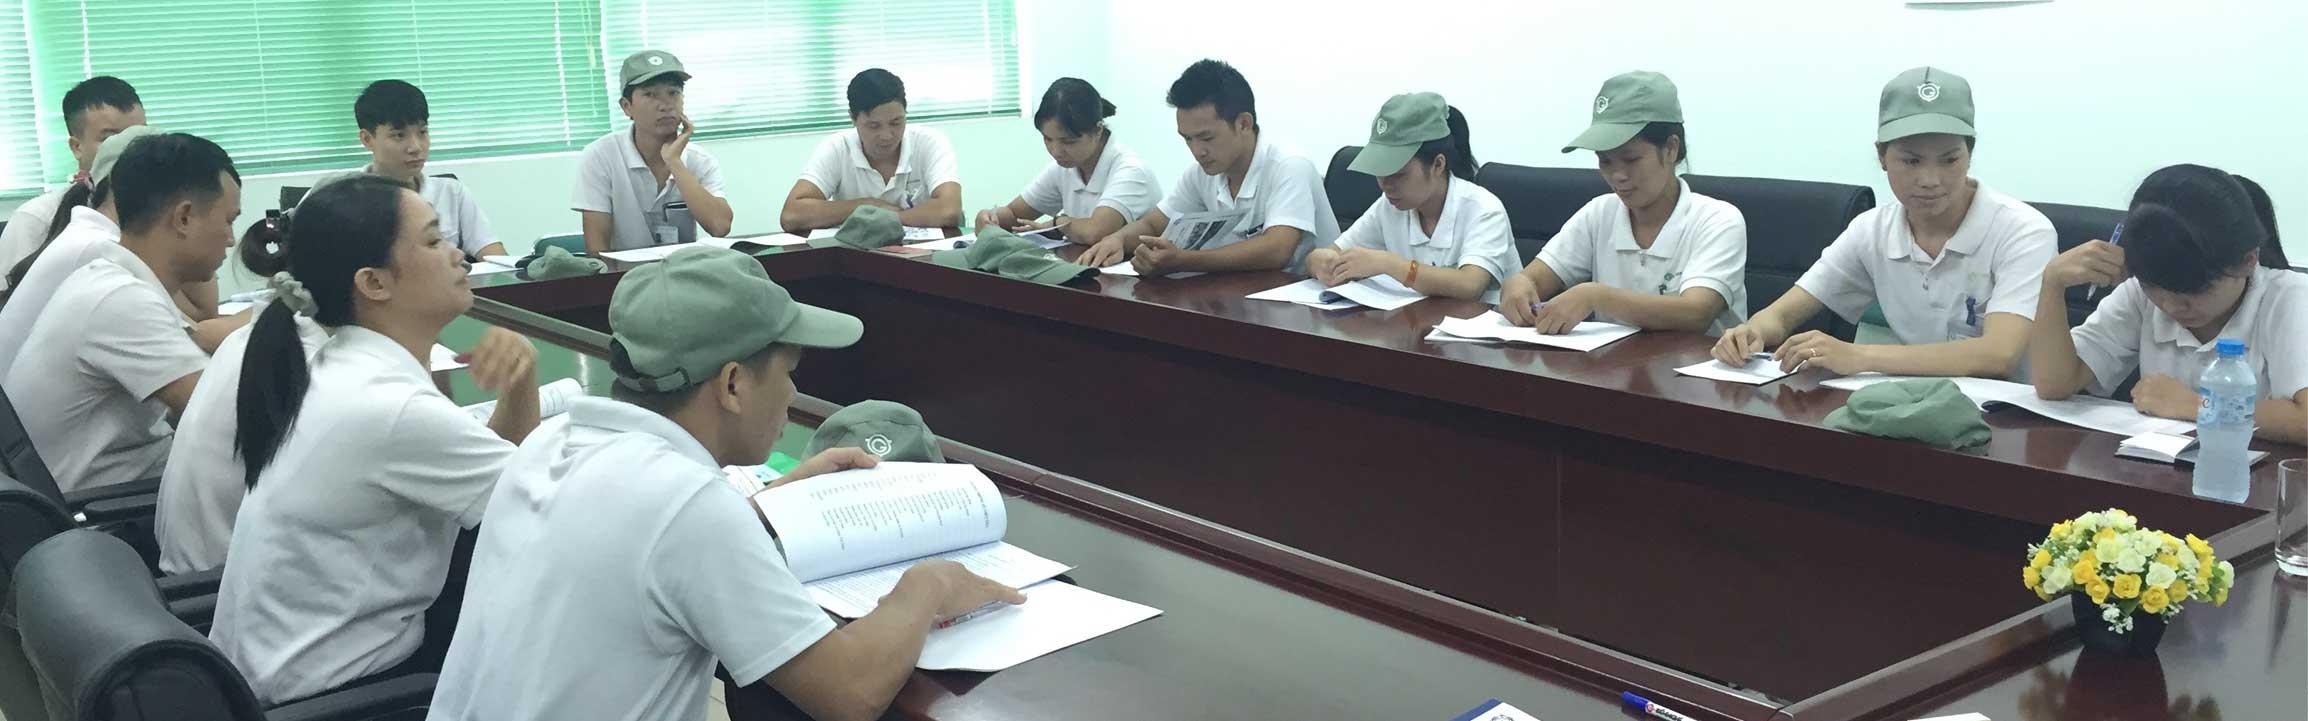 Giáo dục Phương Đông - Chương trình du học